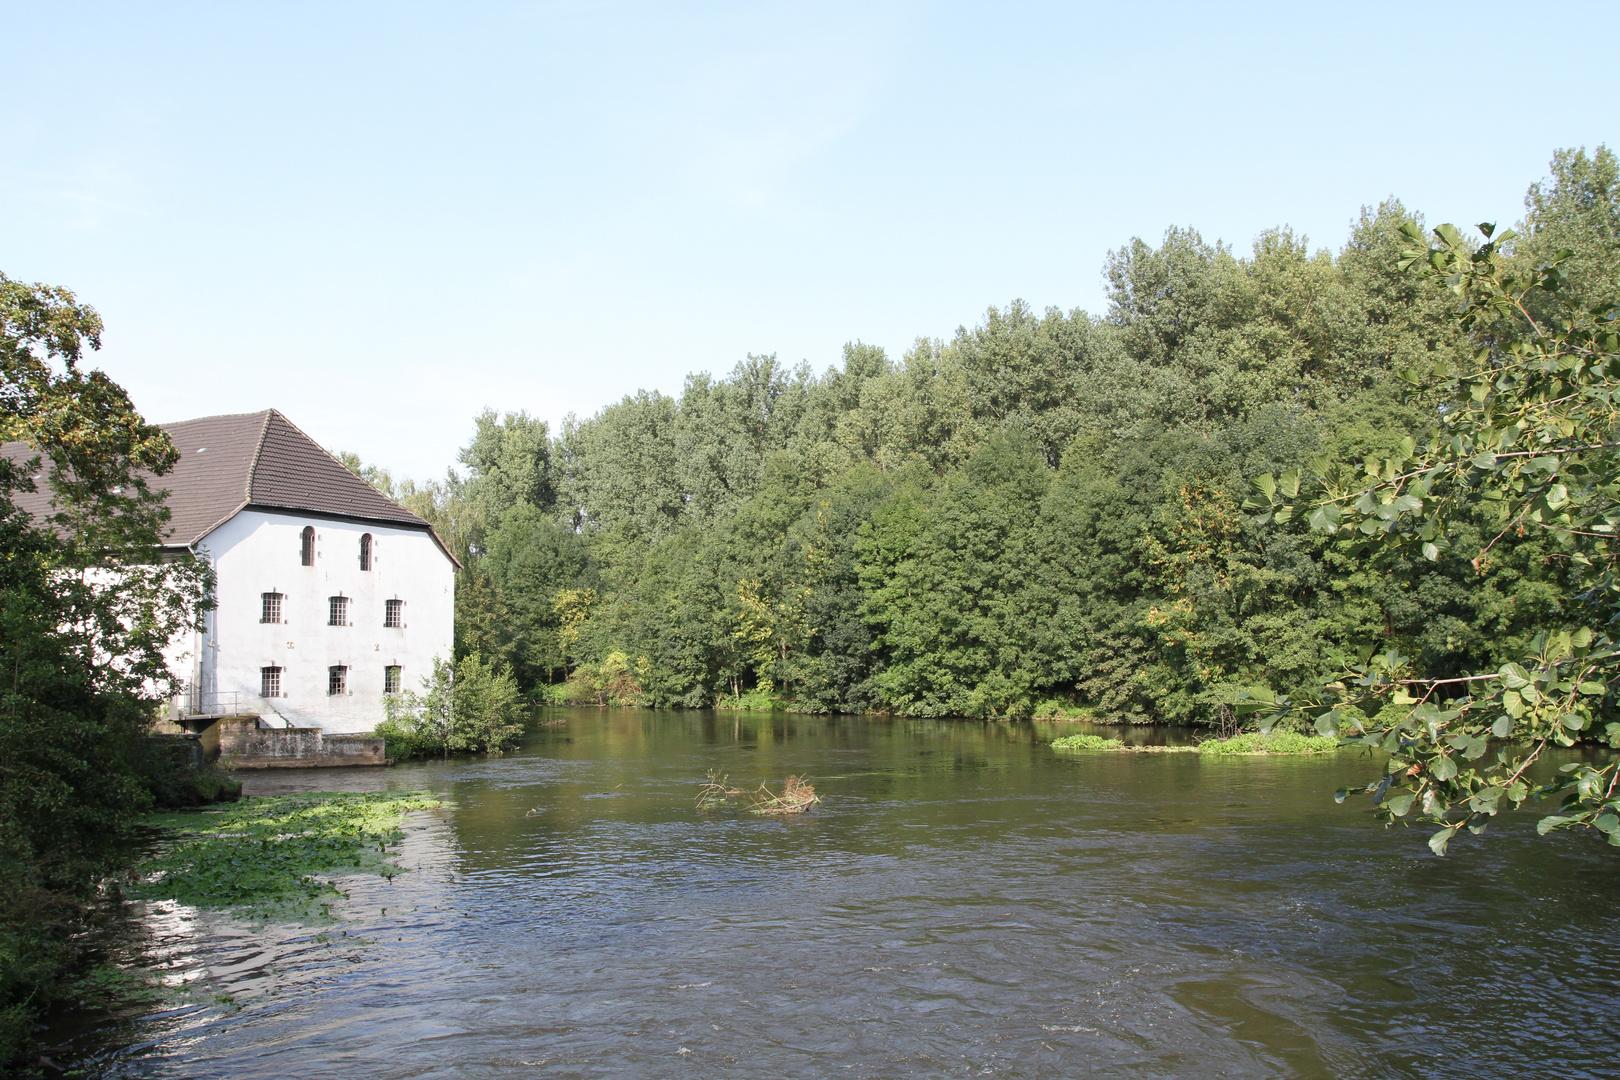 Eppinghover Mühle an der Erft im Rheinkreis Neuss